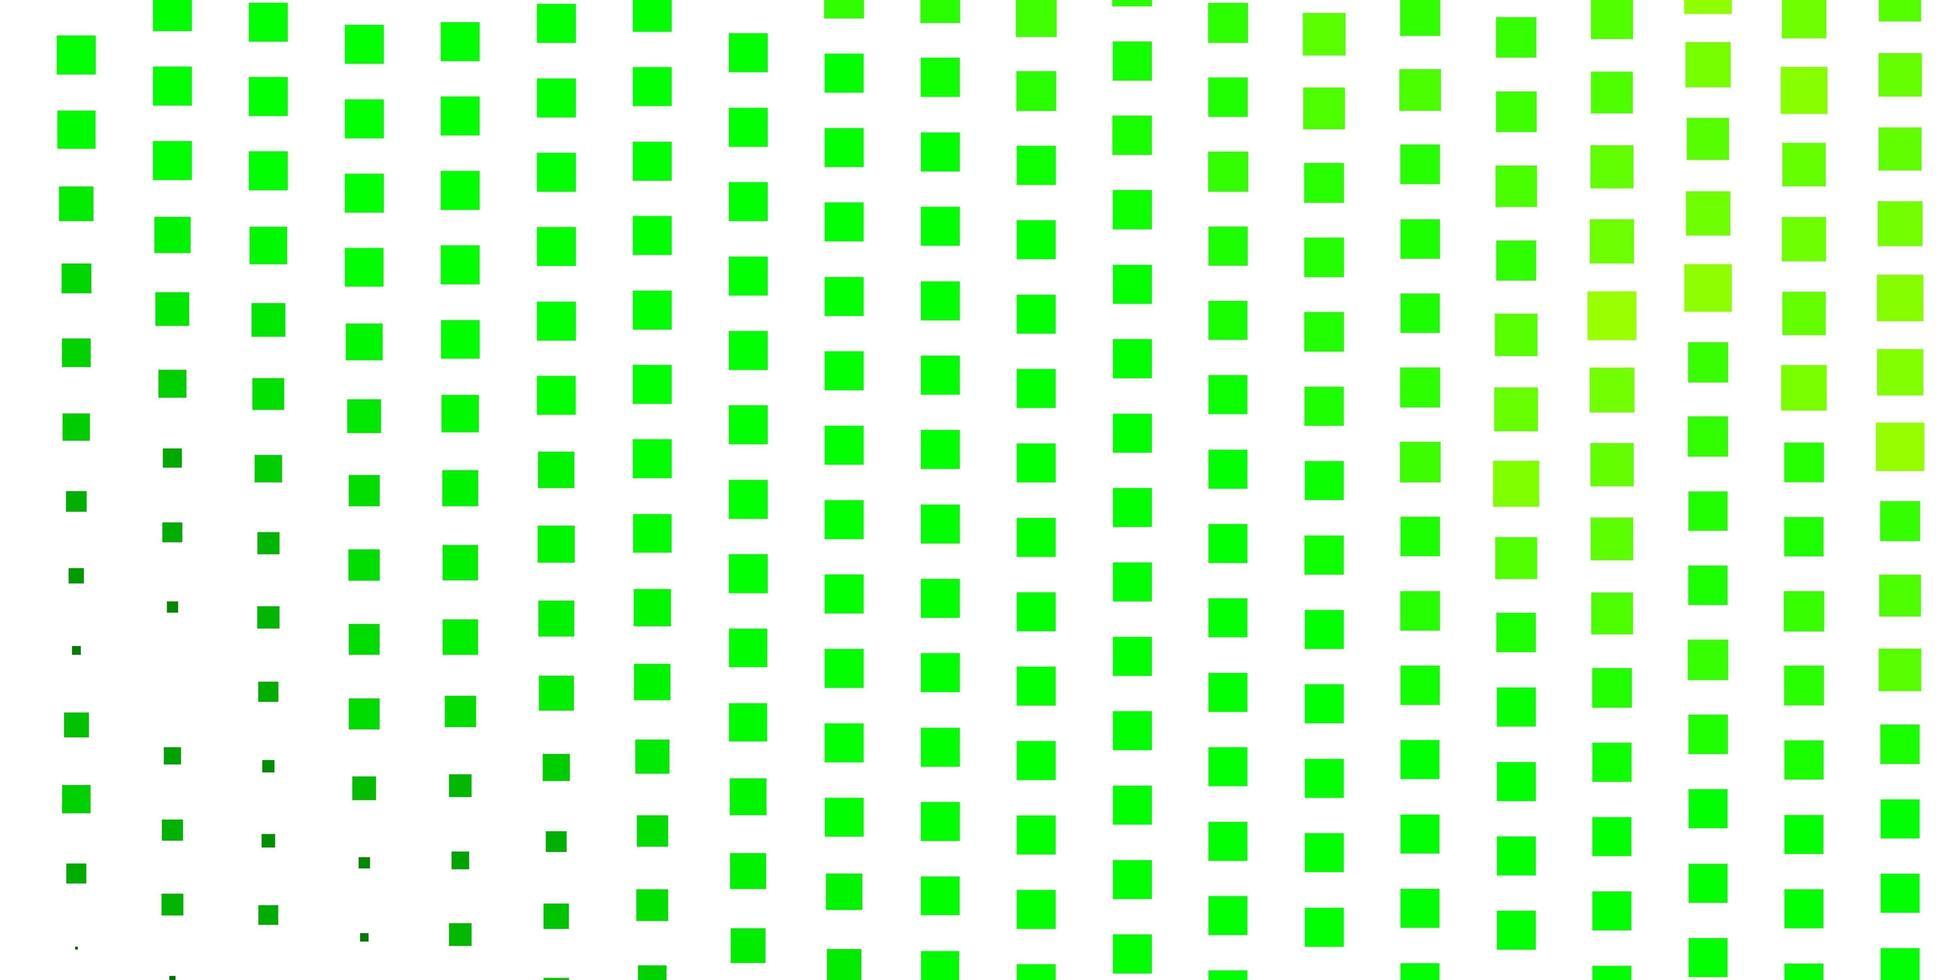 lichtgroene, gele vectorlay-out met lijnen, rechthoeken. vector